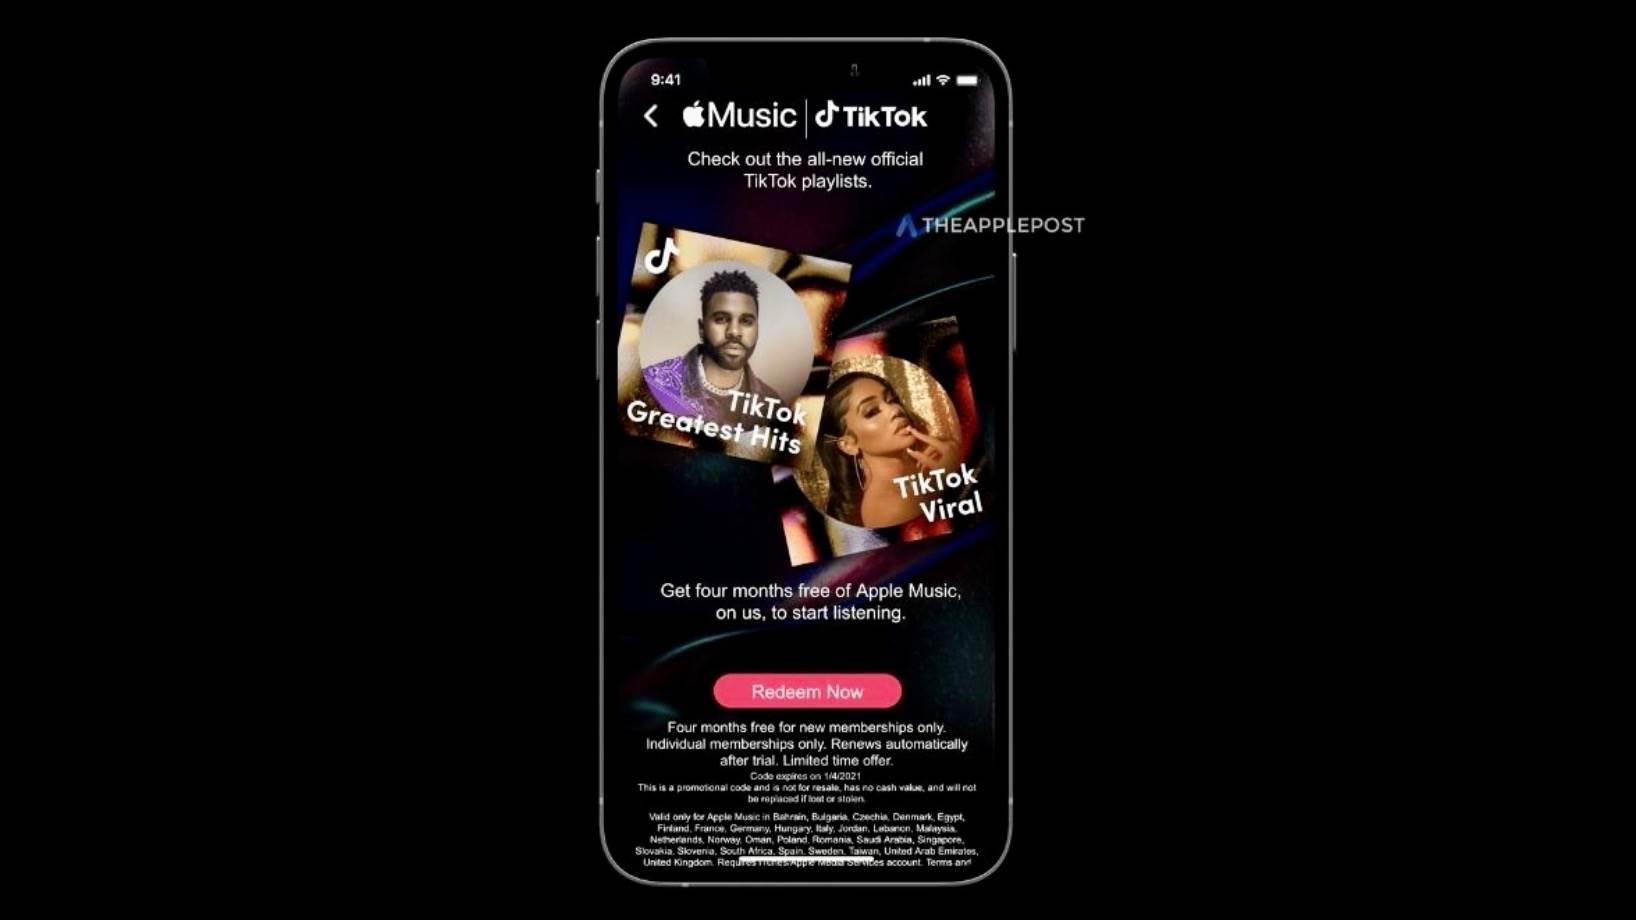 Użytkownicy TikTok mogą bezpłatnie korzystać z Apple Music przez 4 miesiące polecane, ciekawostki Za darmo, TikTok, Apple music  Apple Post poinformował, że TikTok daje 4 bezpłatne miesiące subskrypcji Apple Music nowym użytkownikom. 1@2x 6